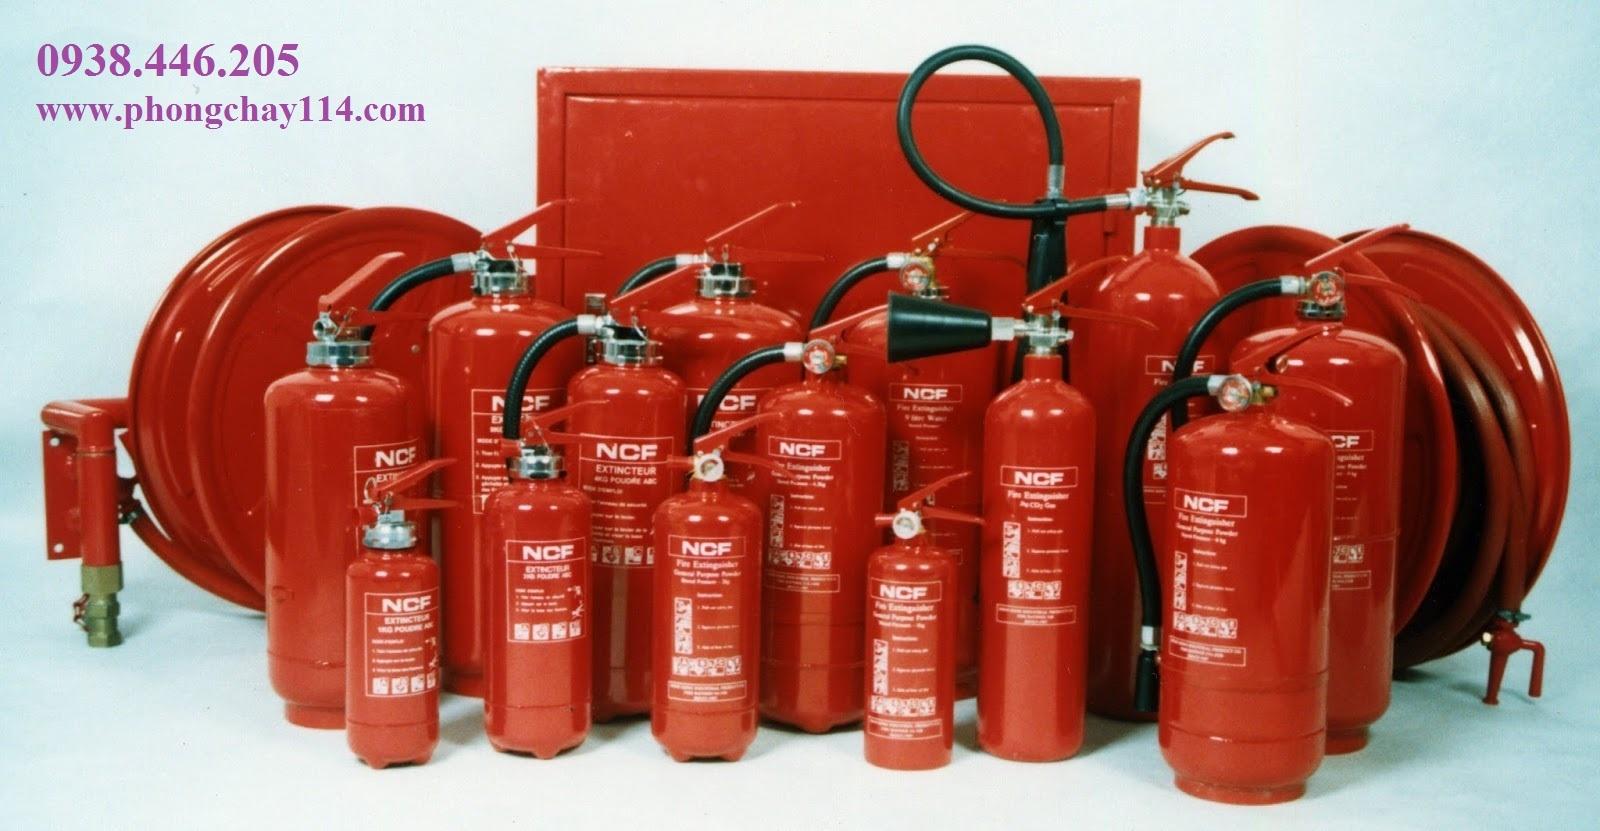 Bơm bình chữa cháy